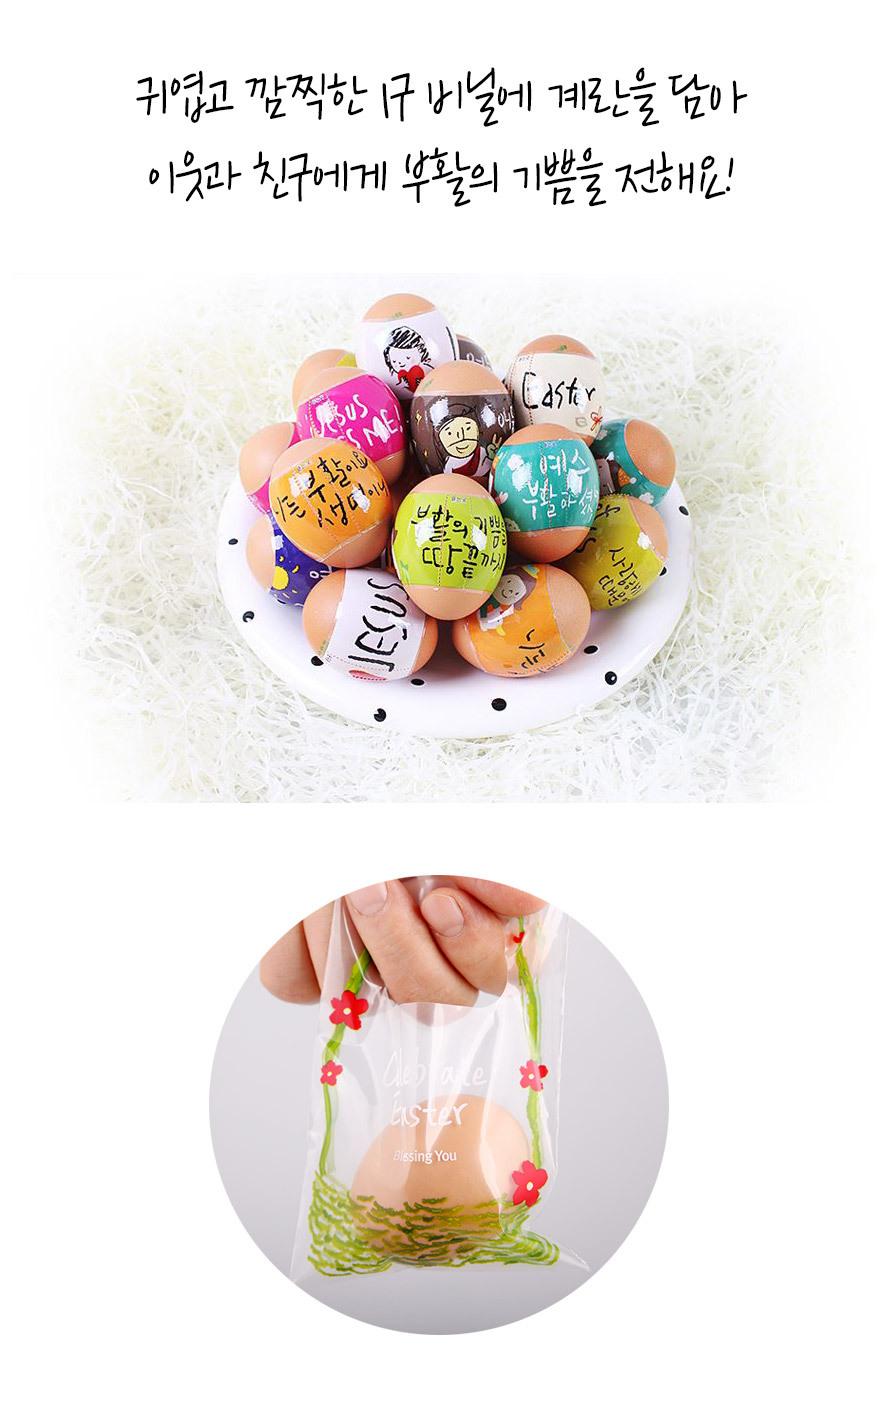 부활절 교회선물 포장재 1구 손잡이비닐 - 1.셀러에 계란을 담아 부활의 기쁨을 전해요